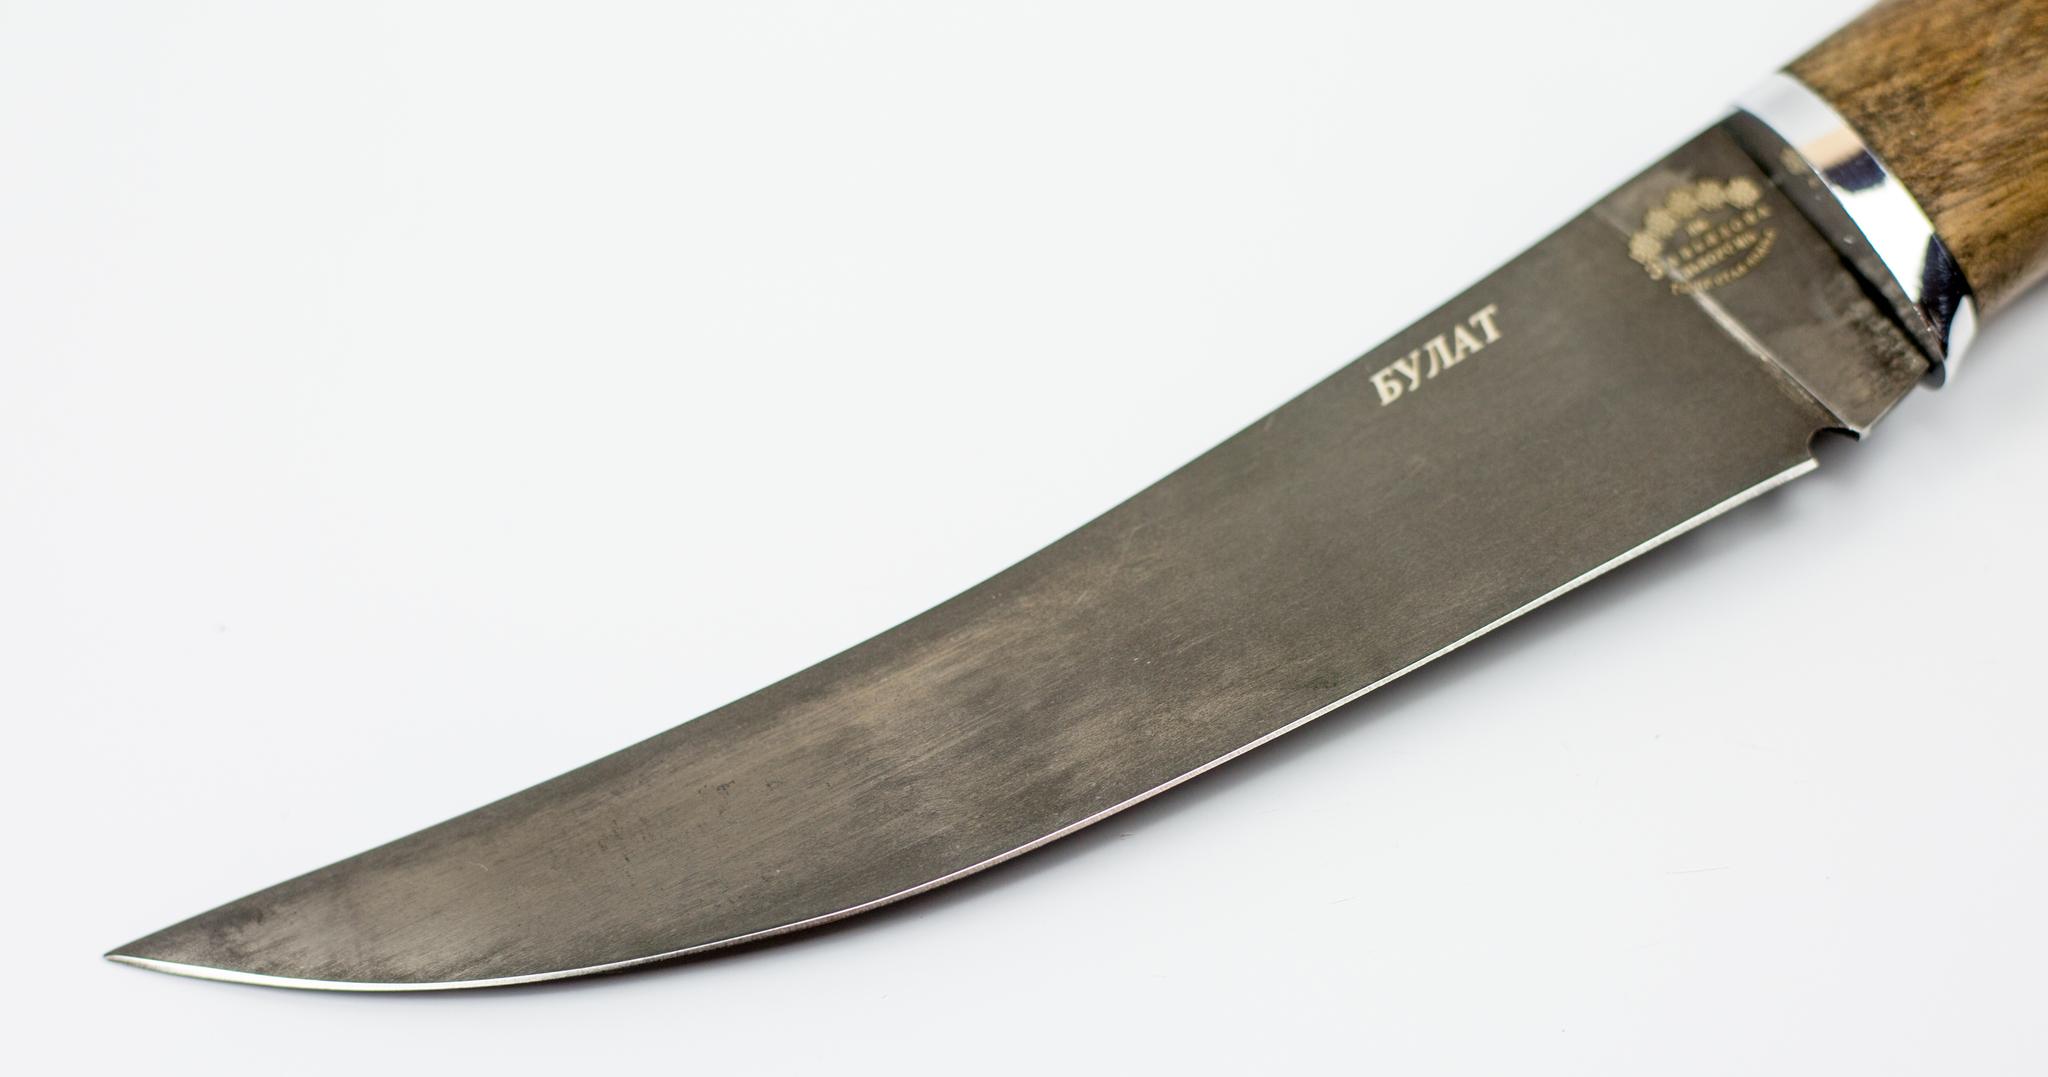 Фото 3 - Нож филейный Нерпа , сталь булат от Кузница Завьялова